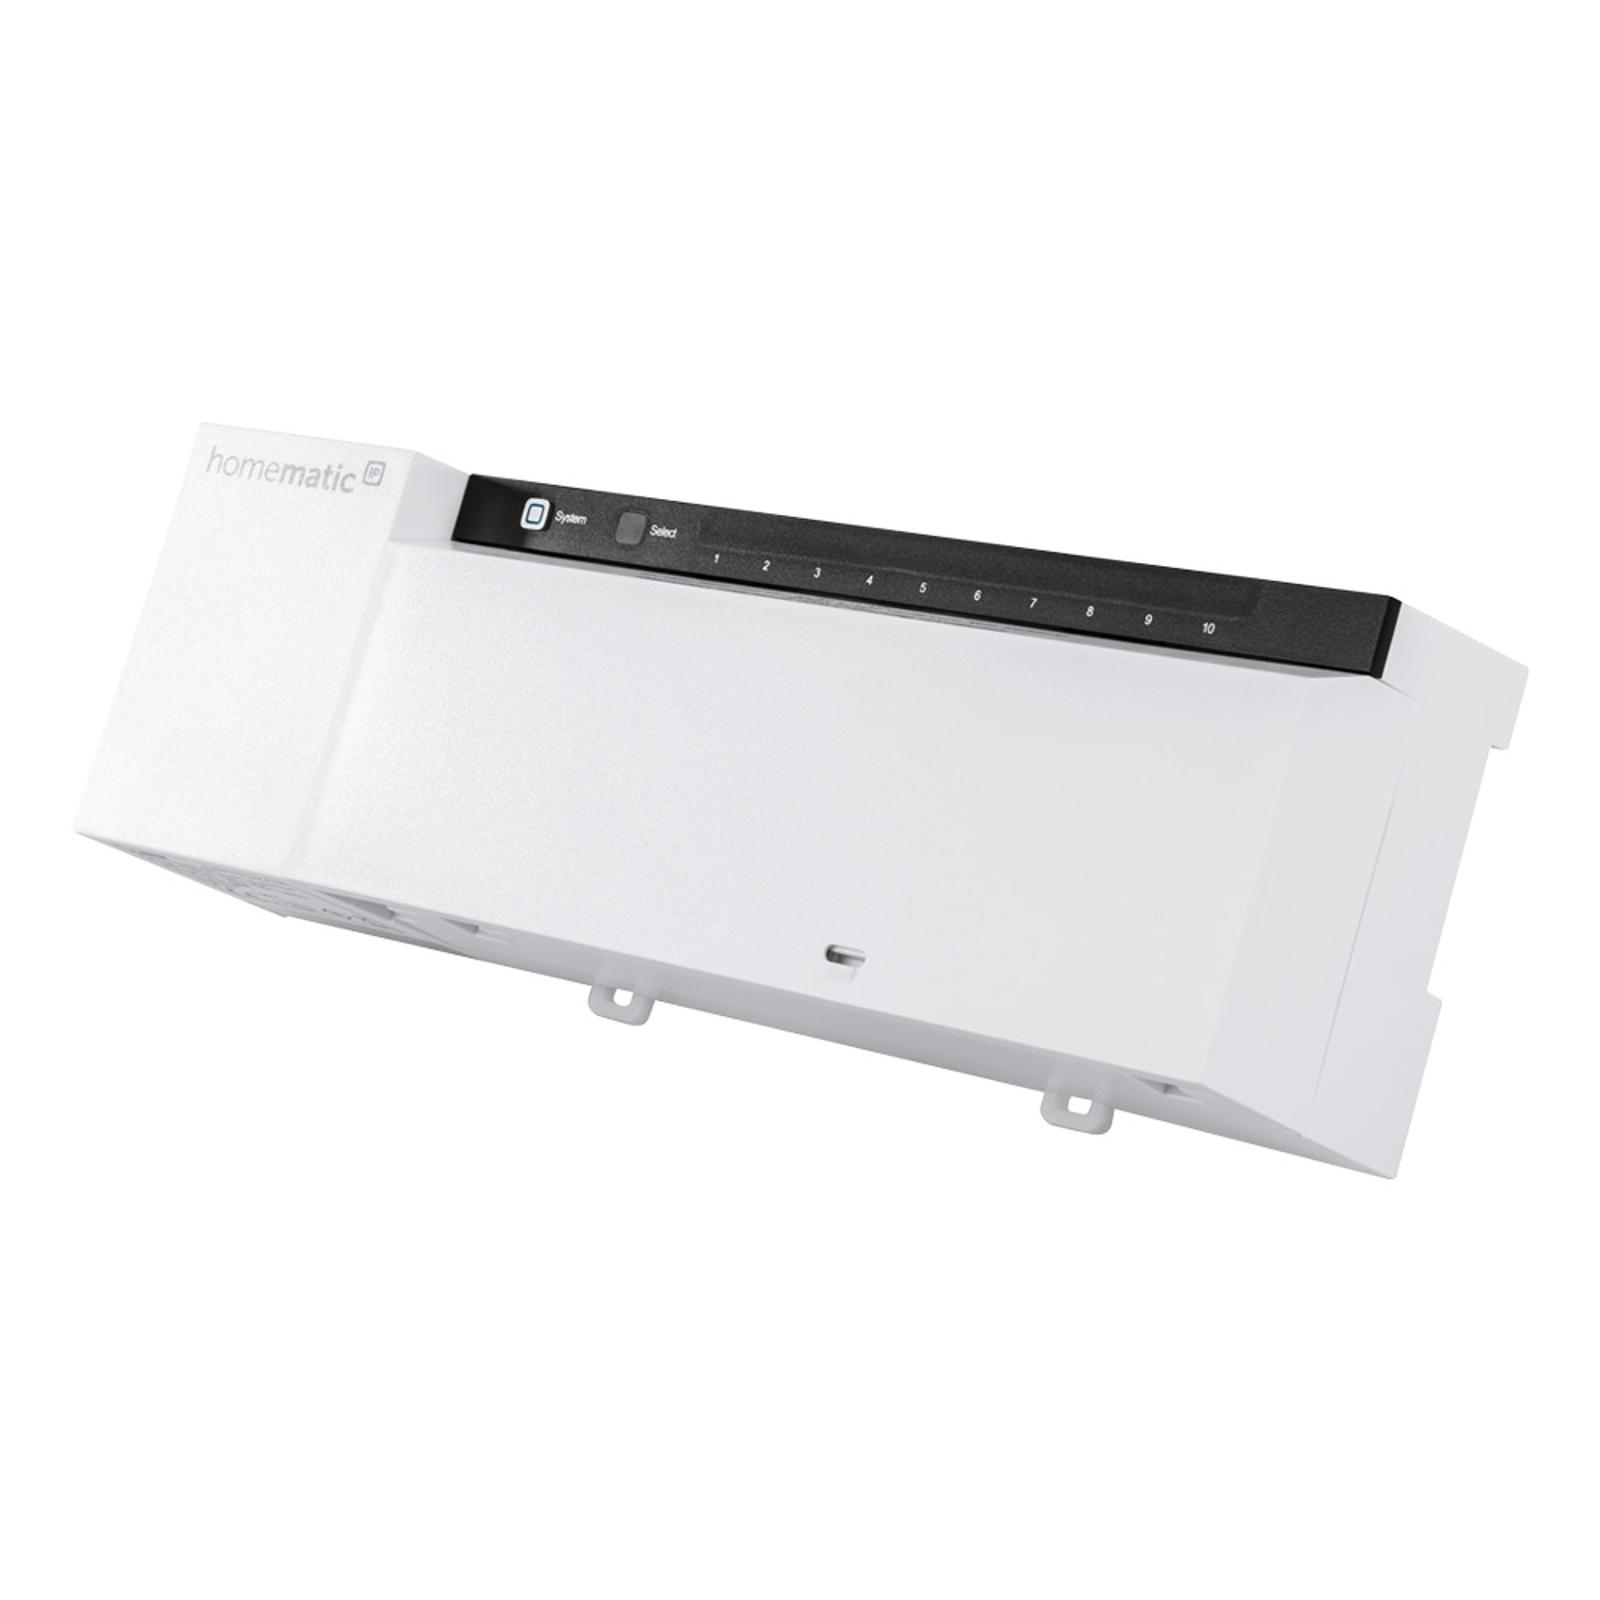 Homematic IP Fußbodenheizungsaktor, 10-fach, 24 V